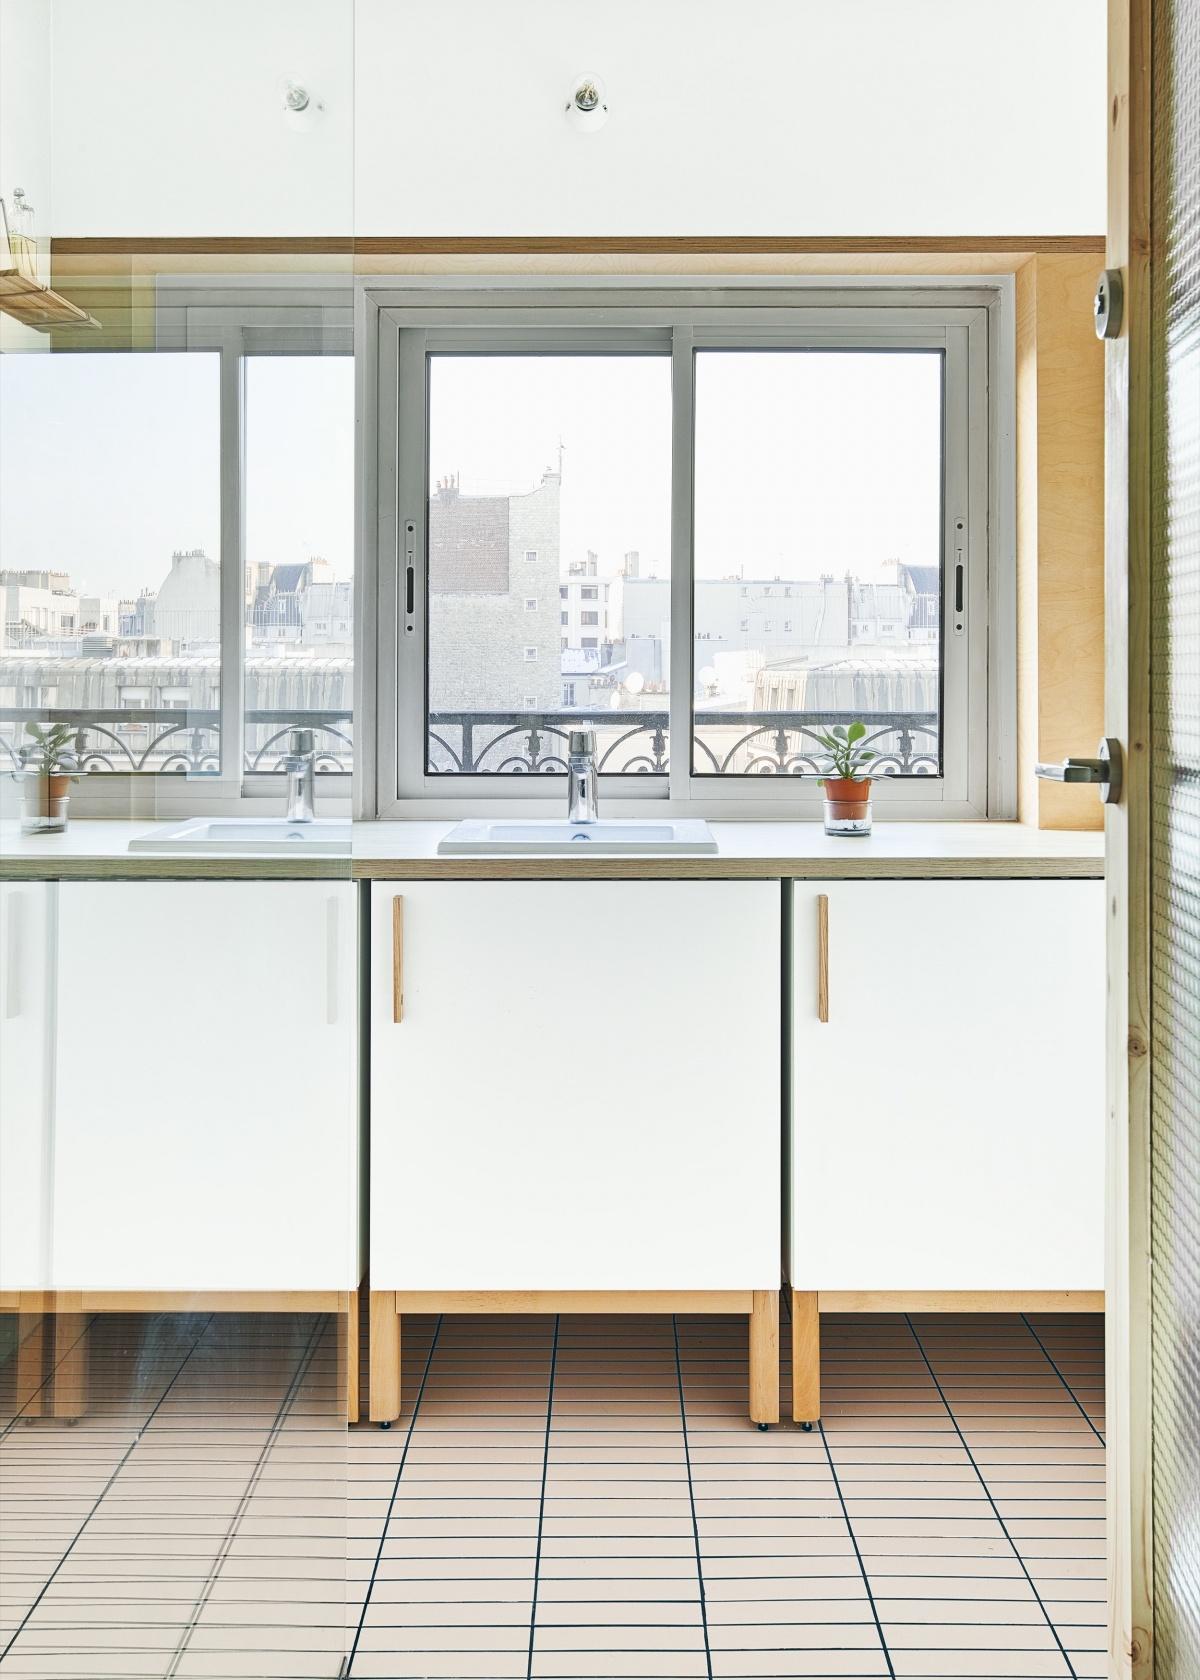 Restructuration et rénovation d'un appartement : 7 rue Hector Malot v2-2189